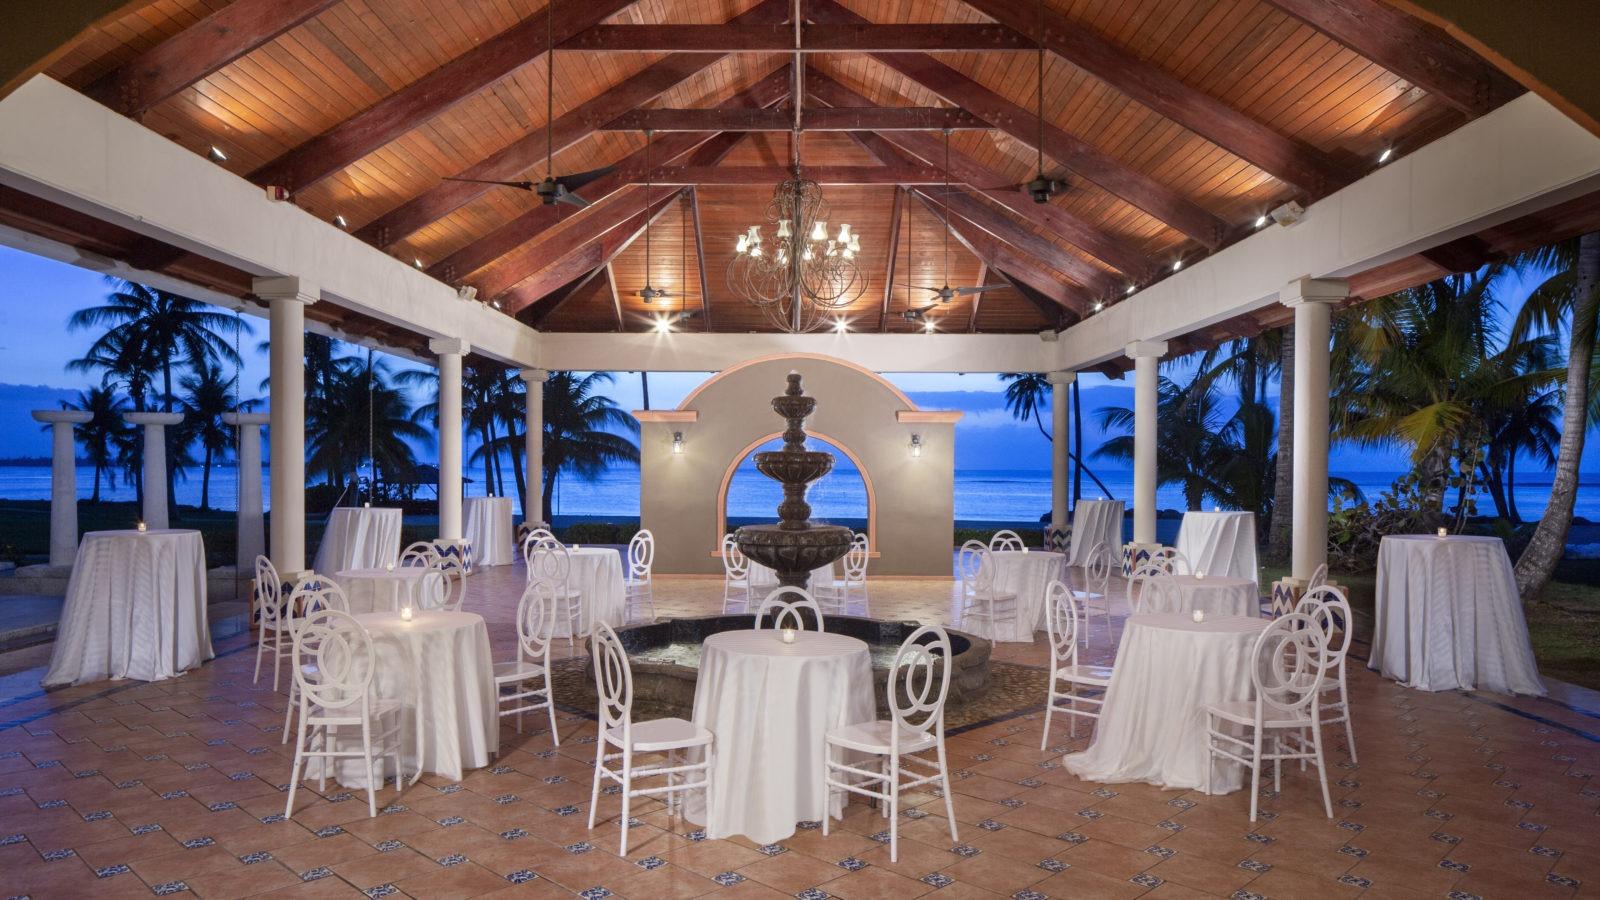 the resort at coco beach-puerto rico-golf destination 6-El Mirador event space